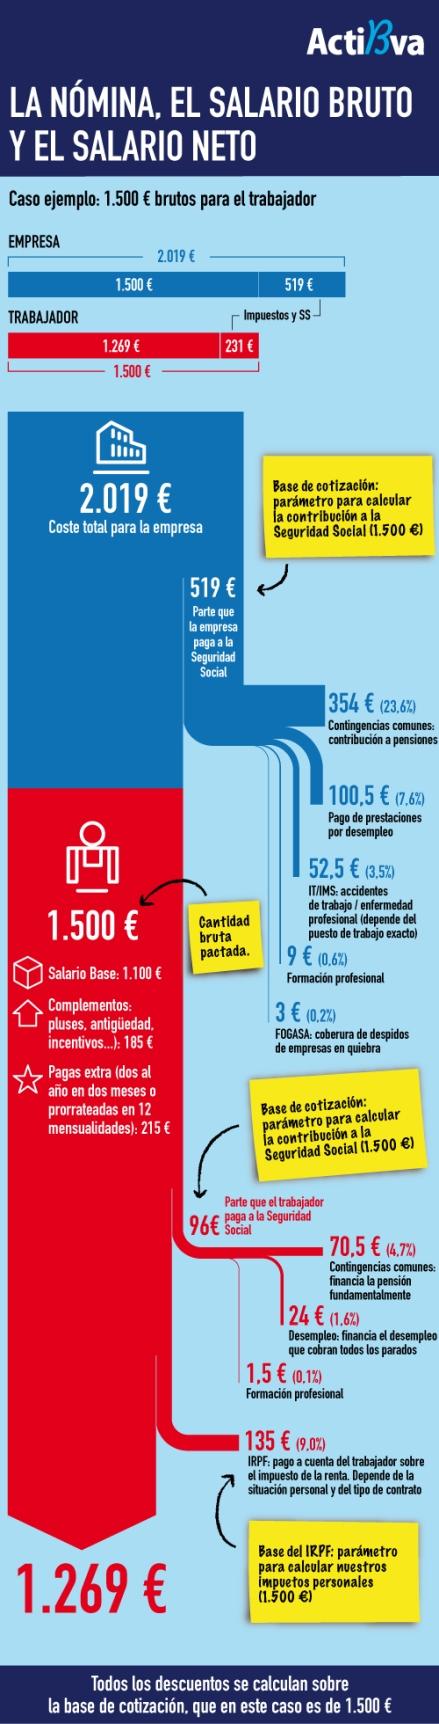 Infografía salario bruto y neto